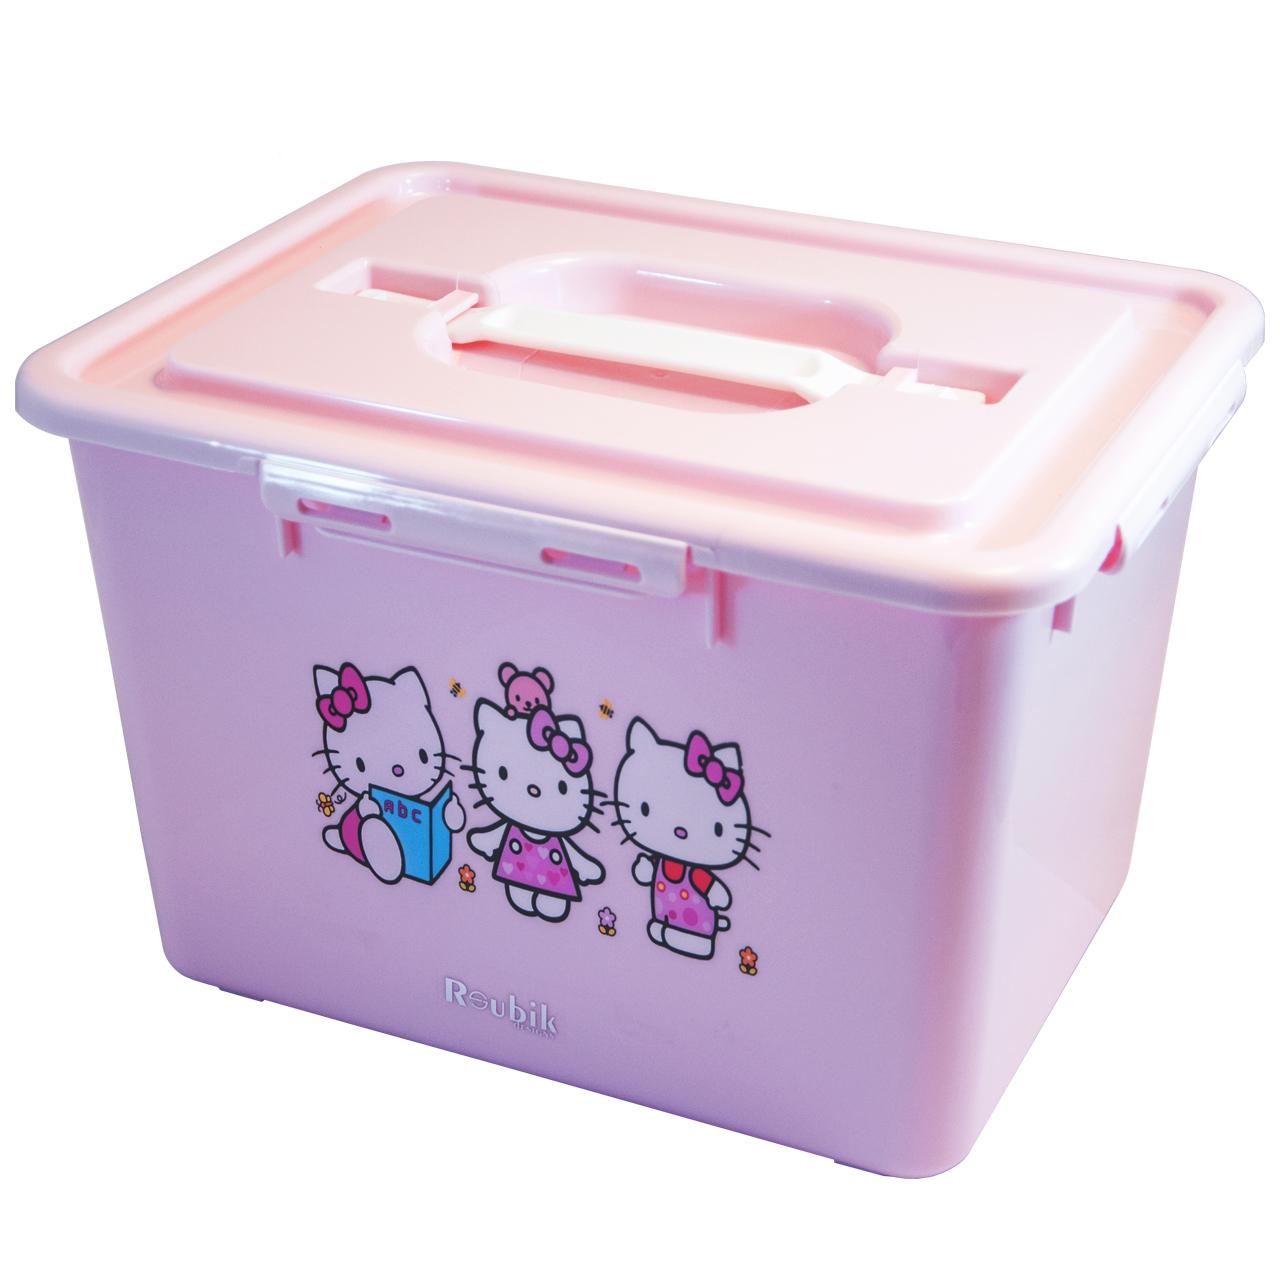 جعبه اسباب بازی روبیک مدل 00305006